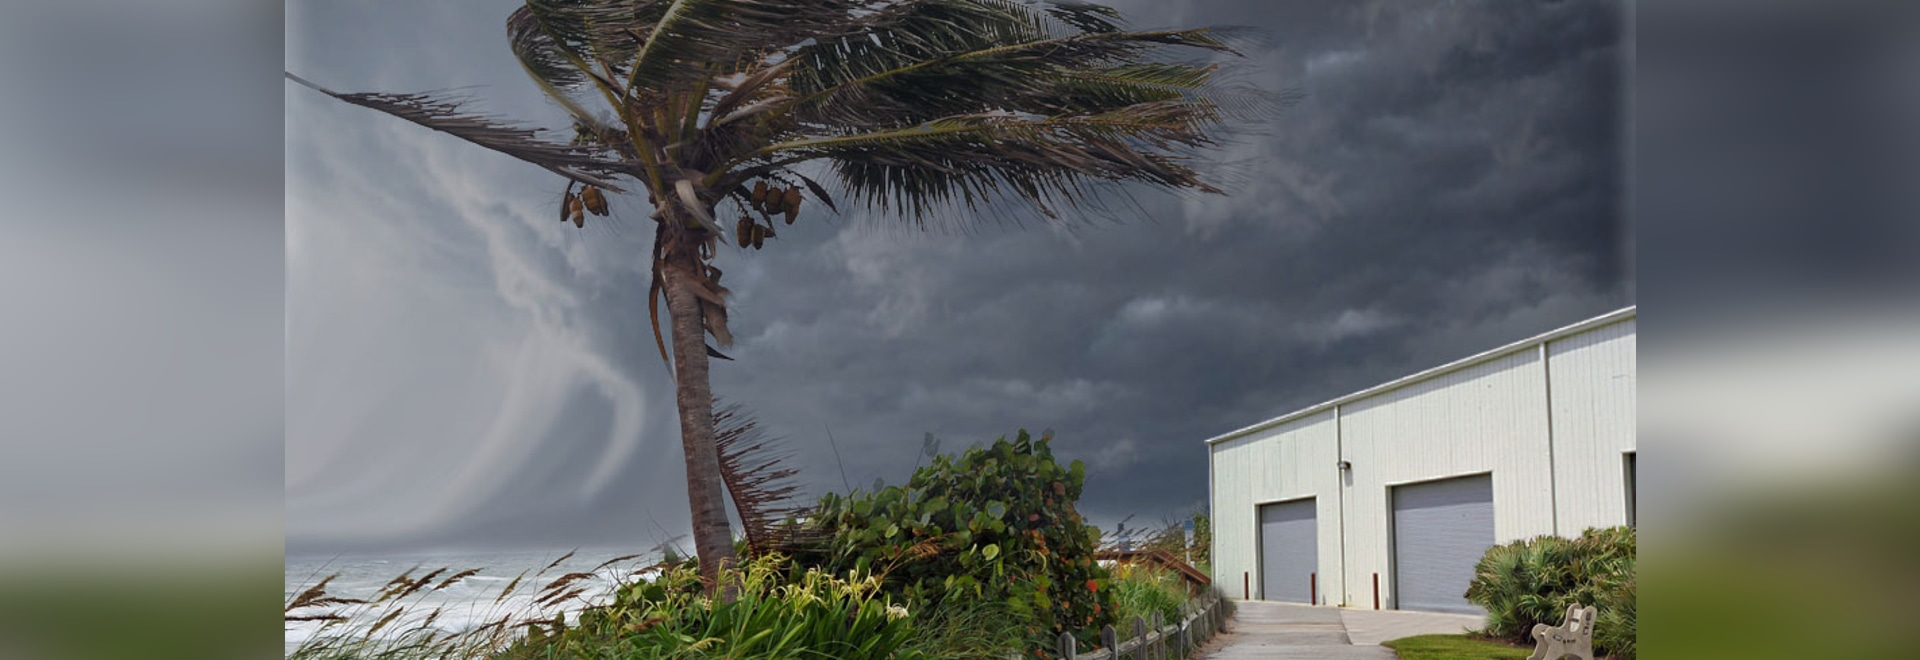 garage door storm